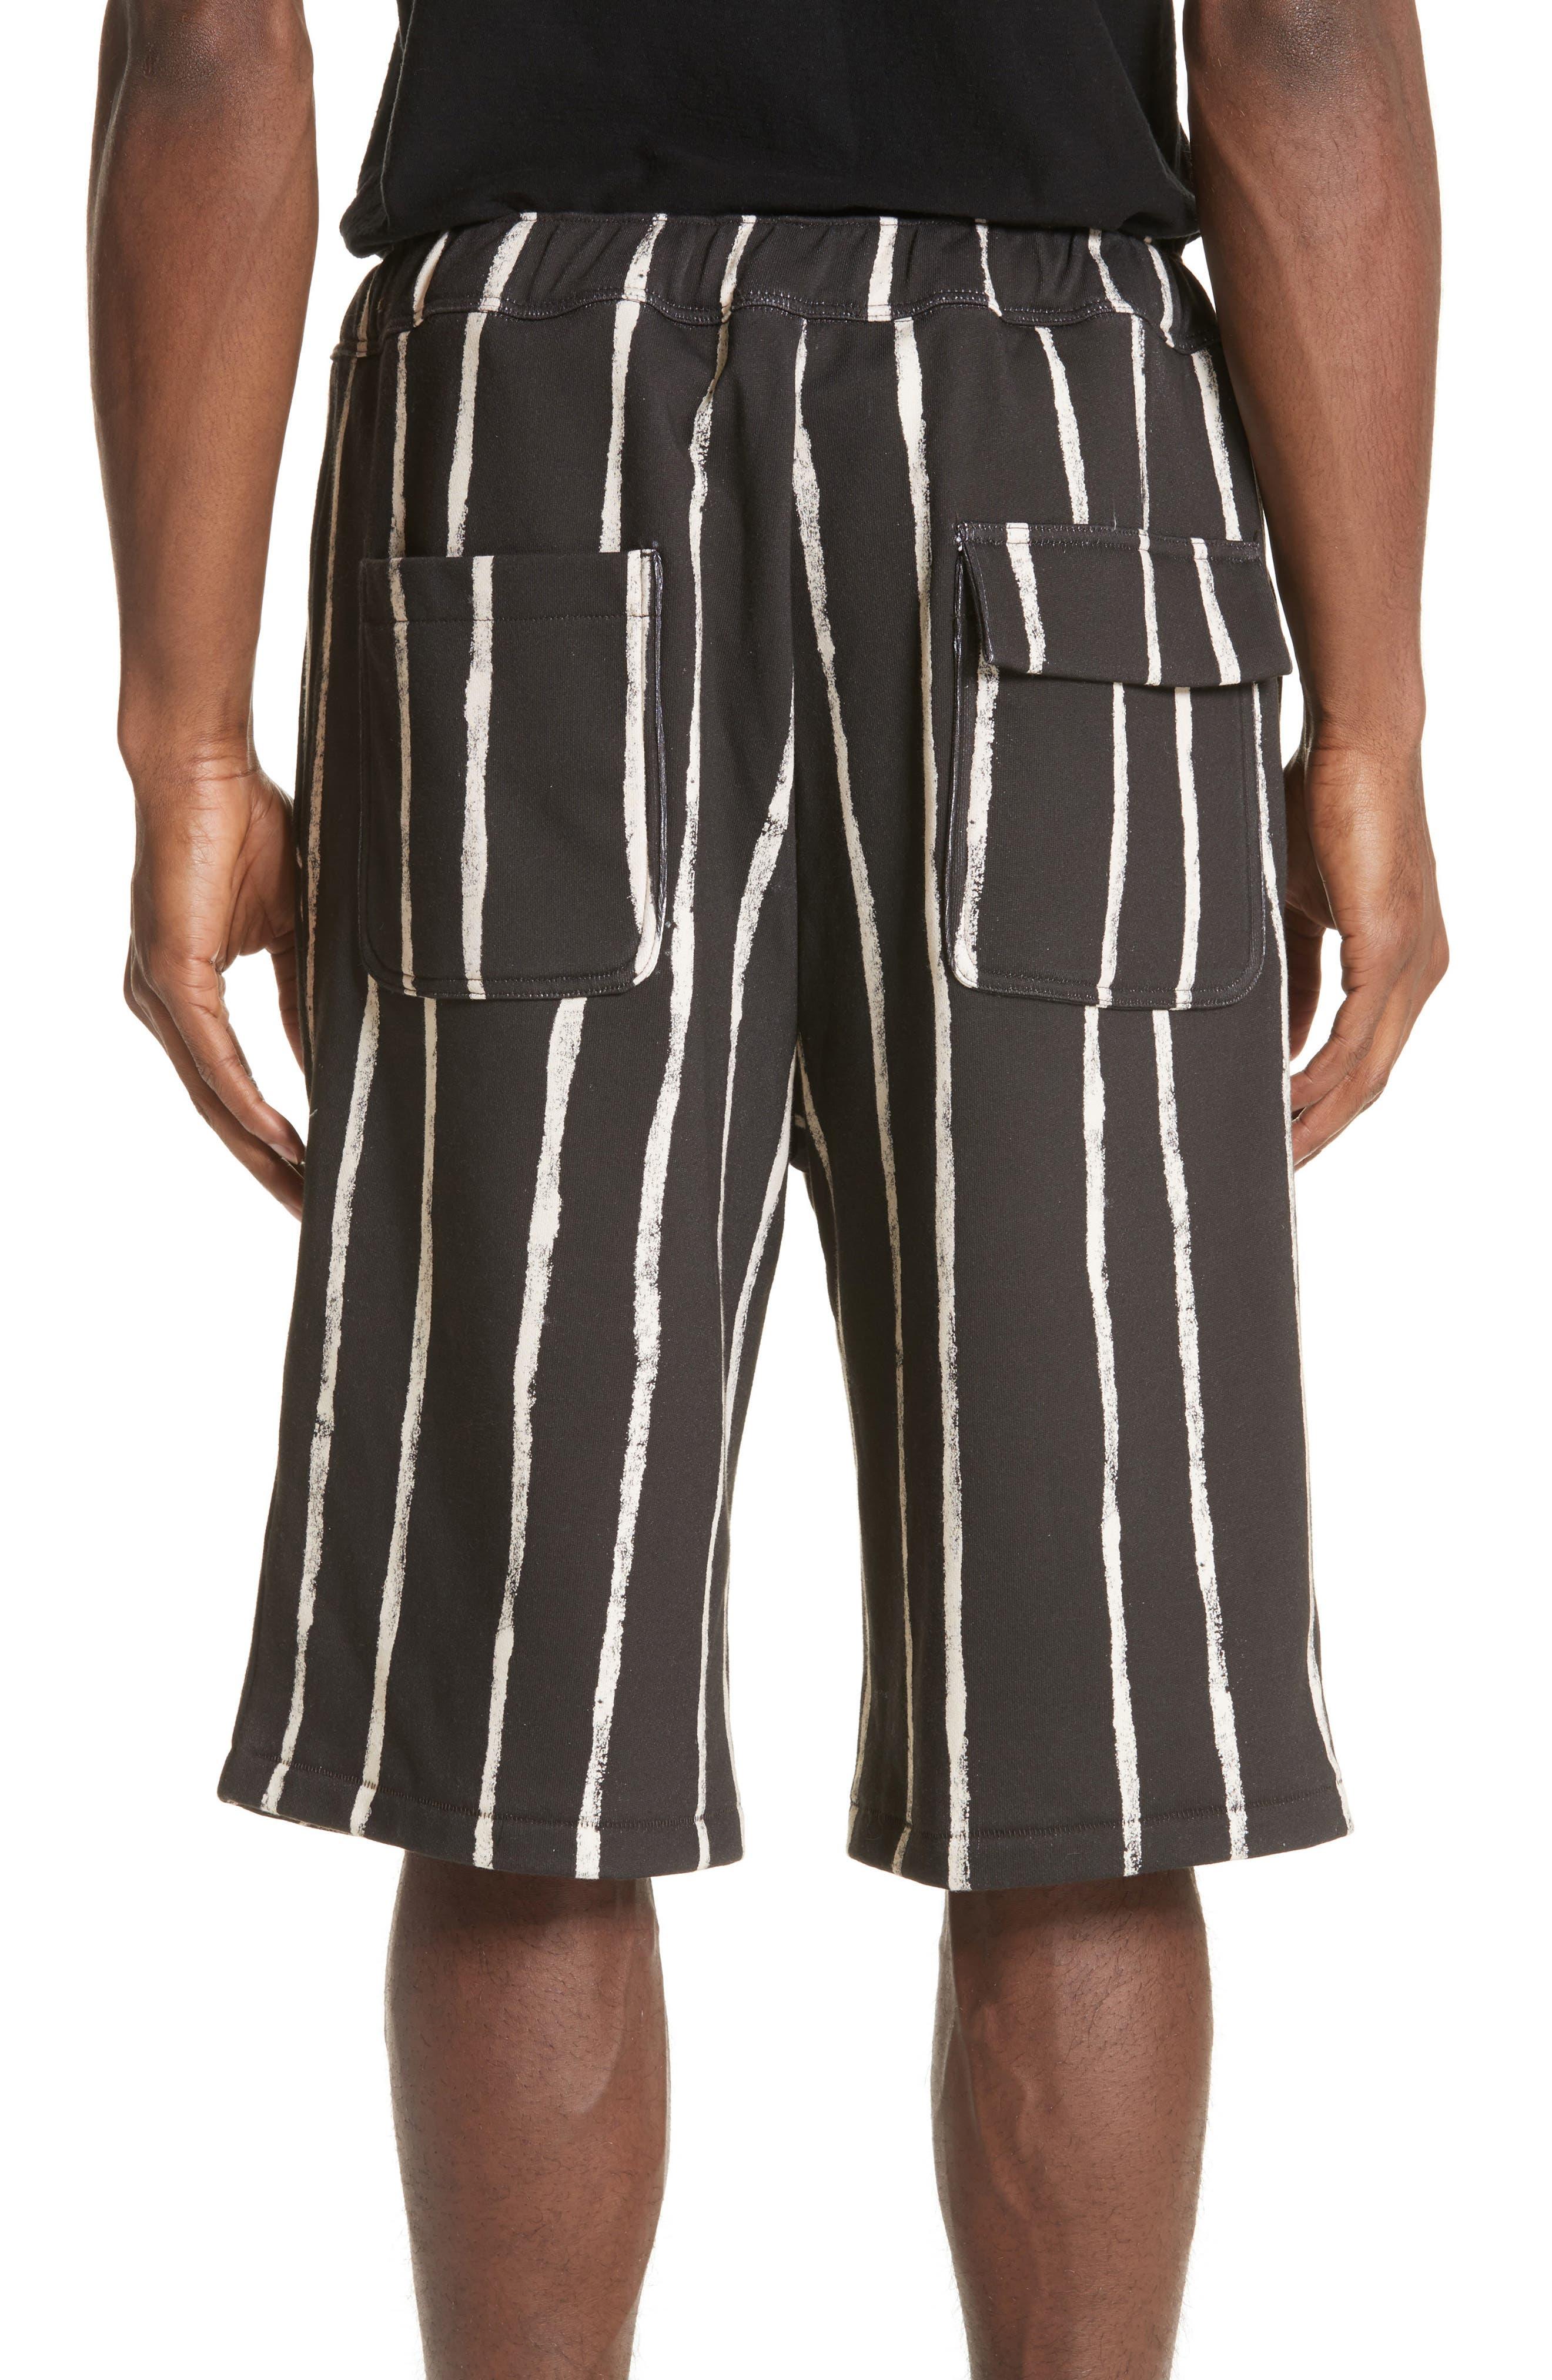 Striped Paint Shorts,                             Alternate thumbnail 2, color,                             Black/ White